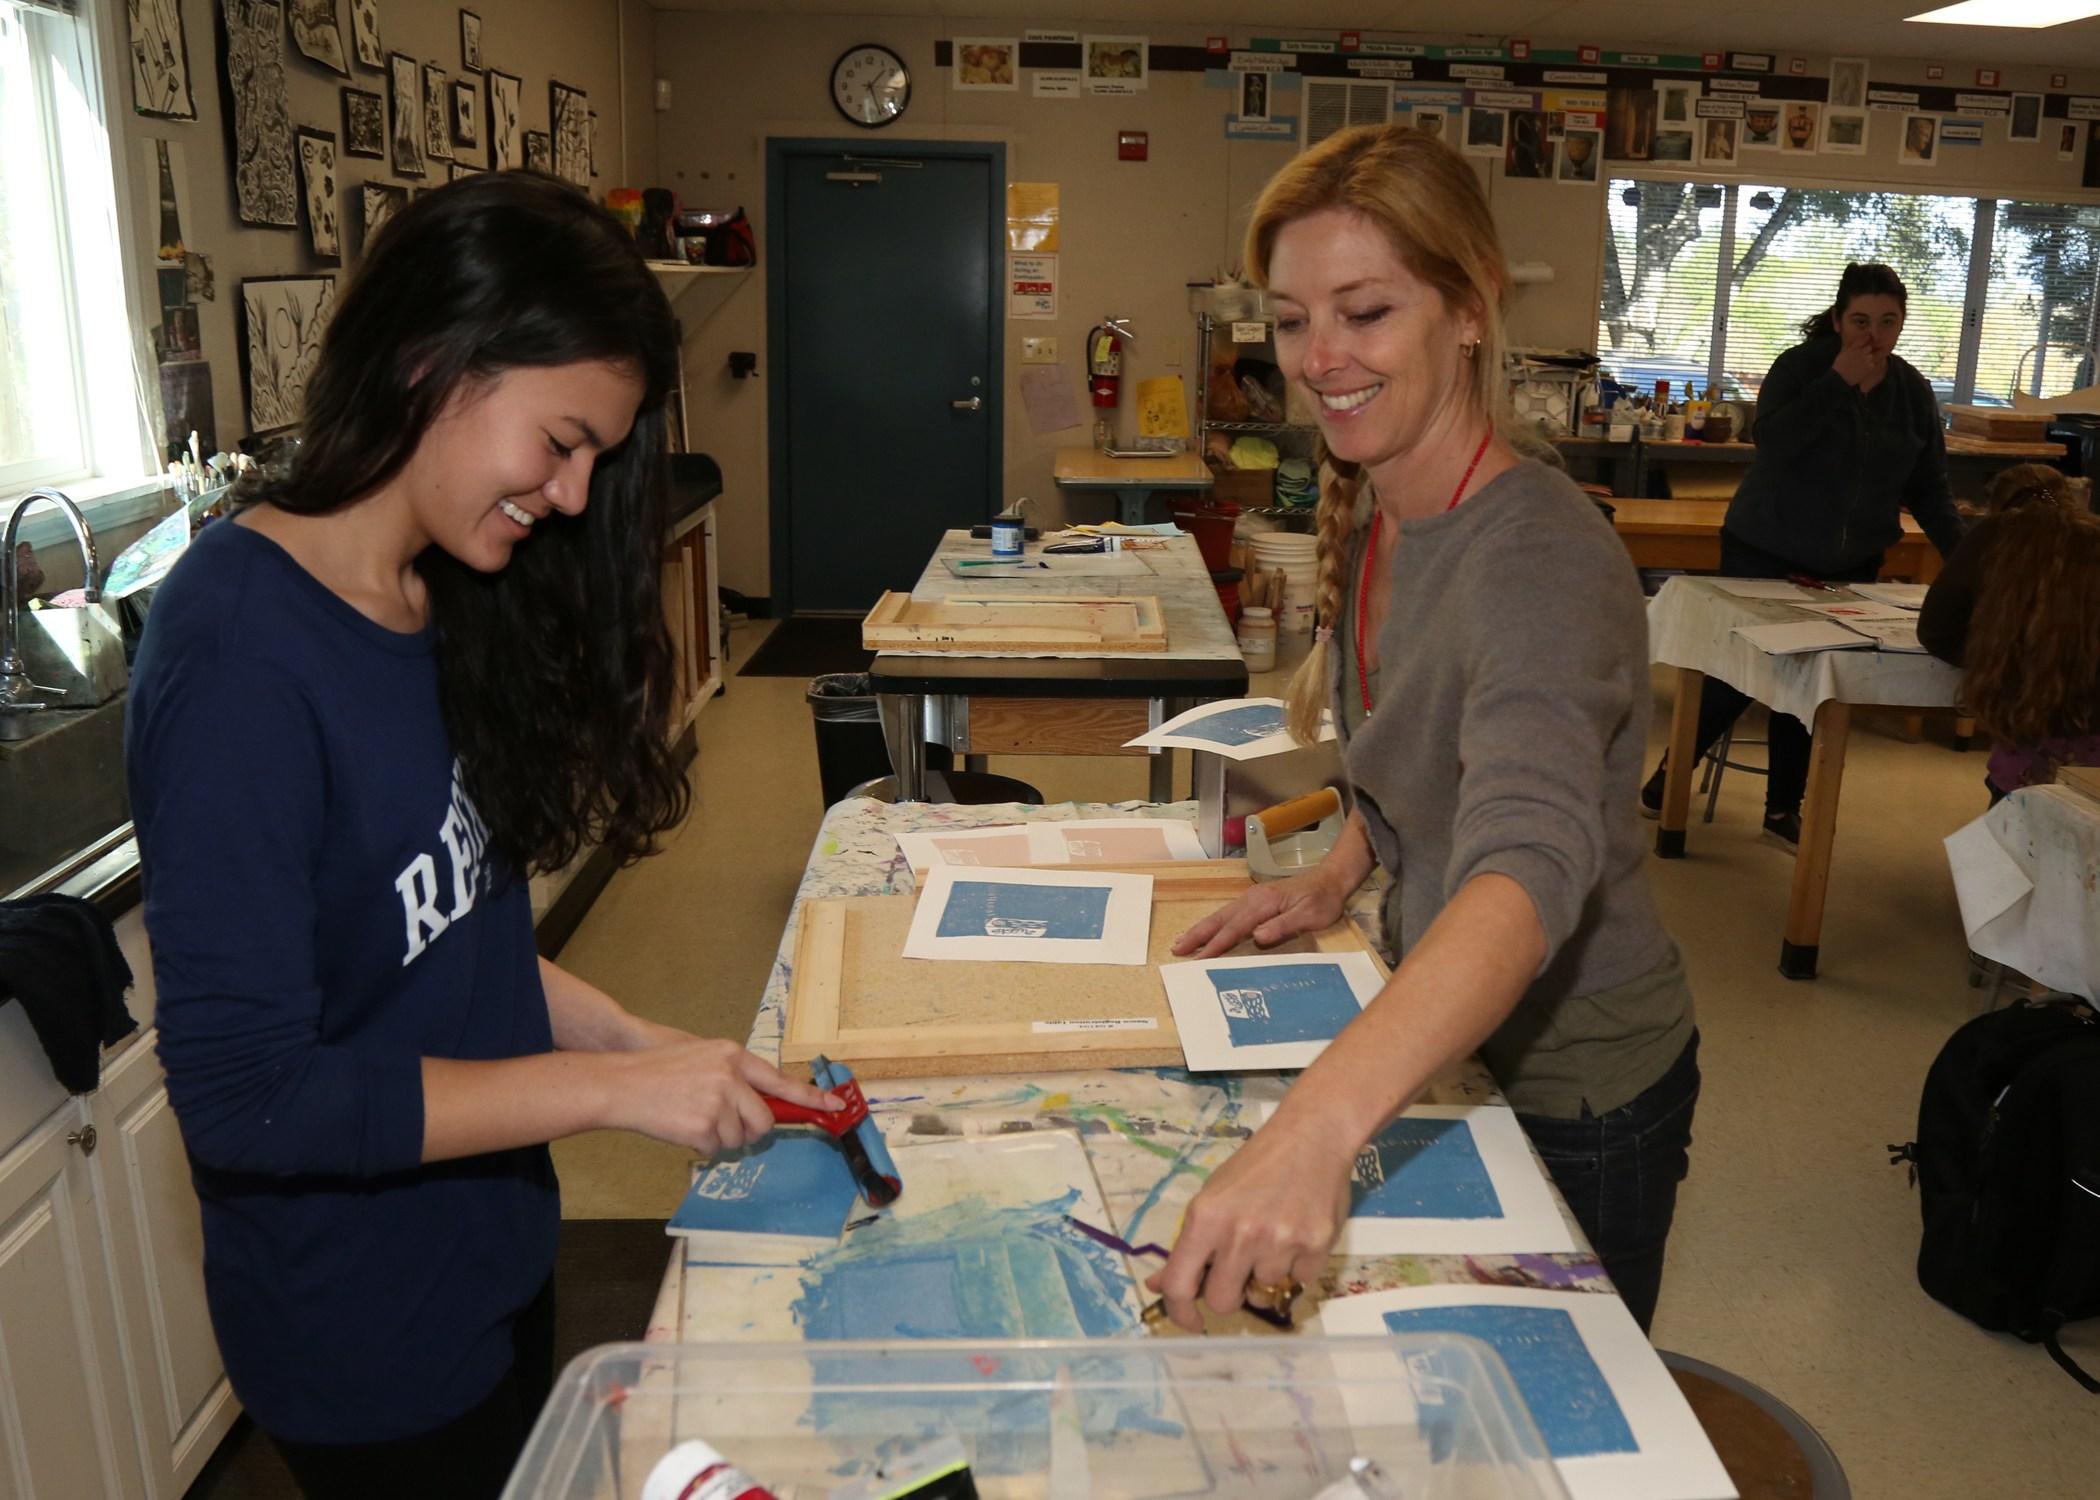 Art teacher with art student making a print